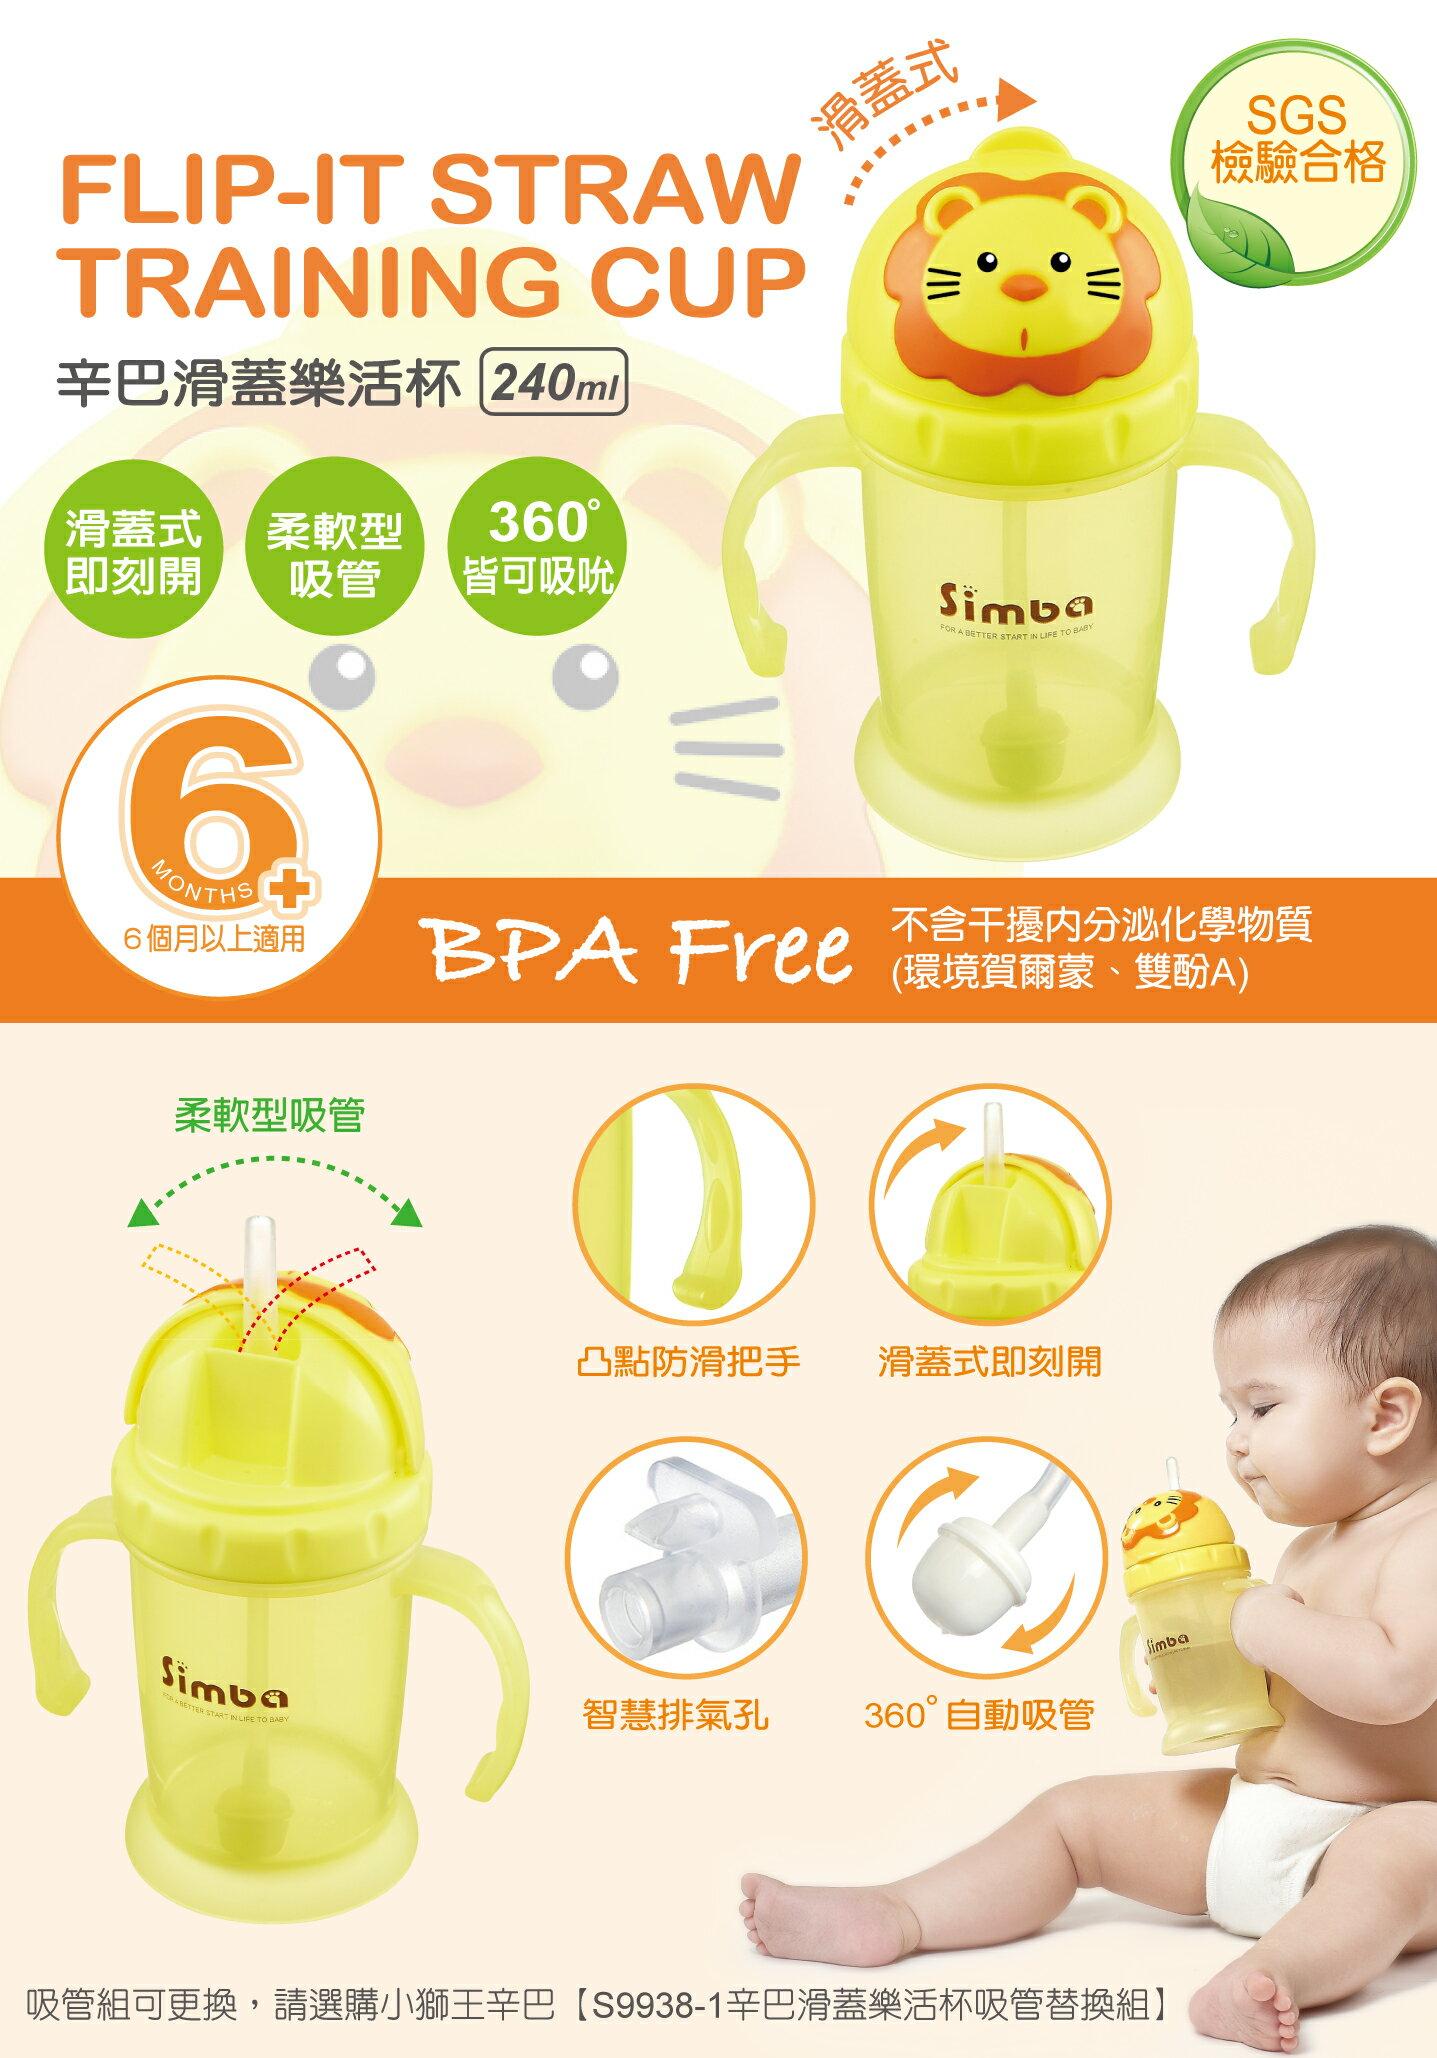 『121婦嬰用品館』辛巴 滑蓋樂活杯 2